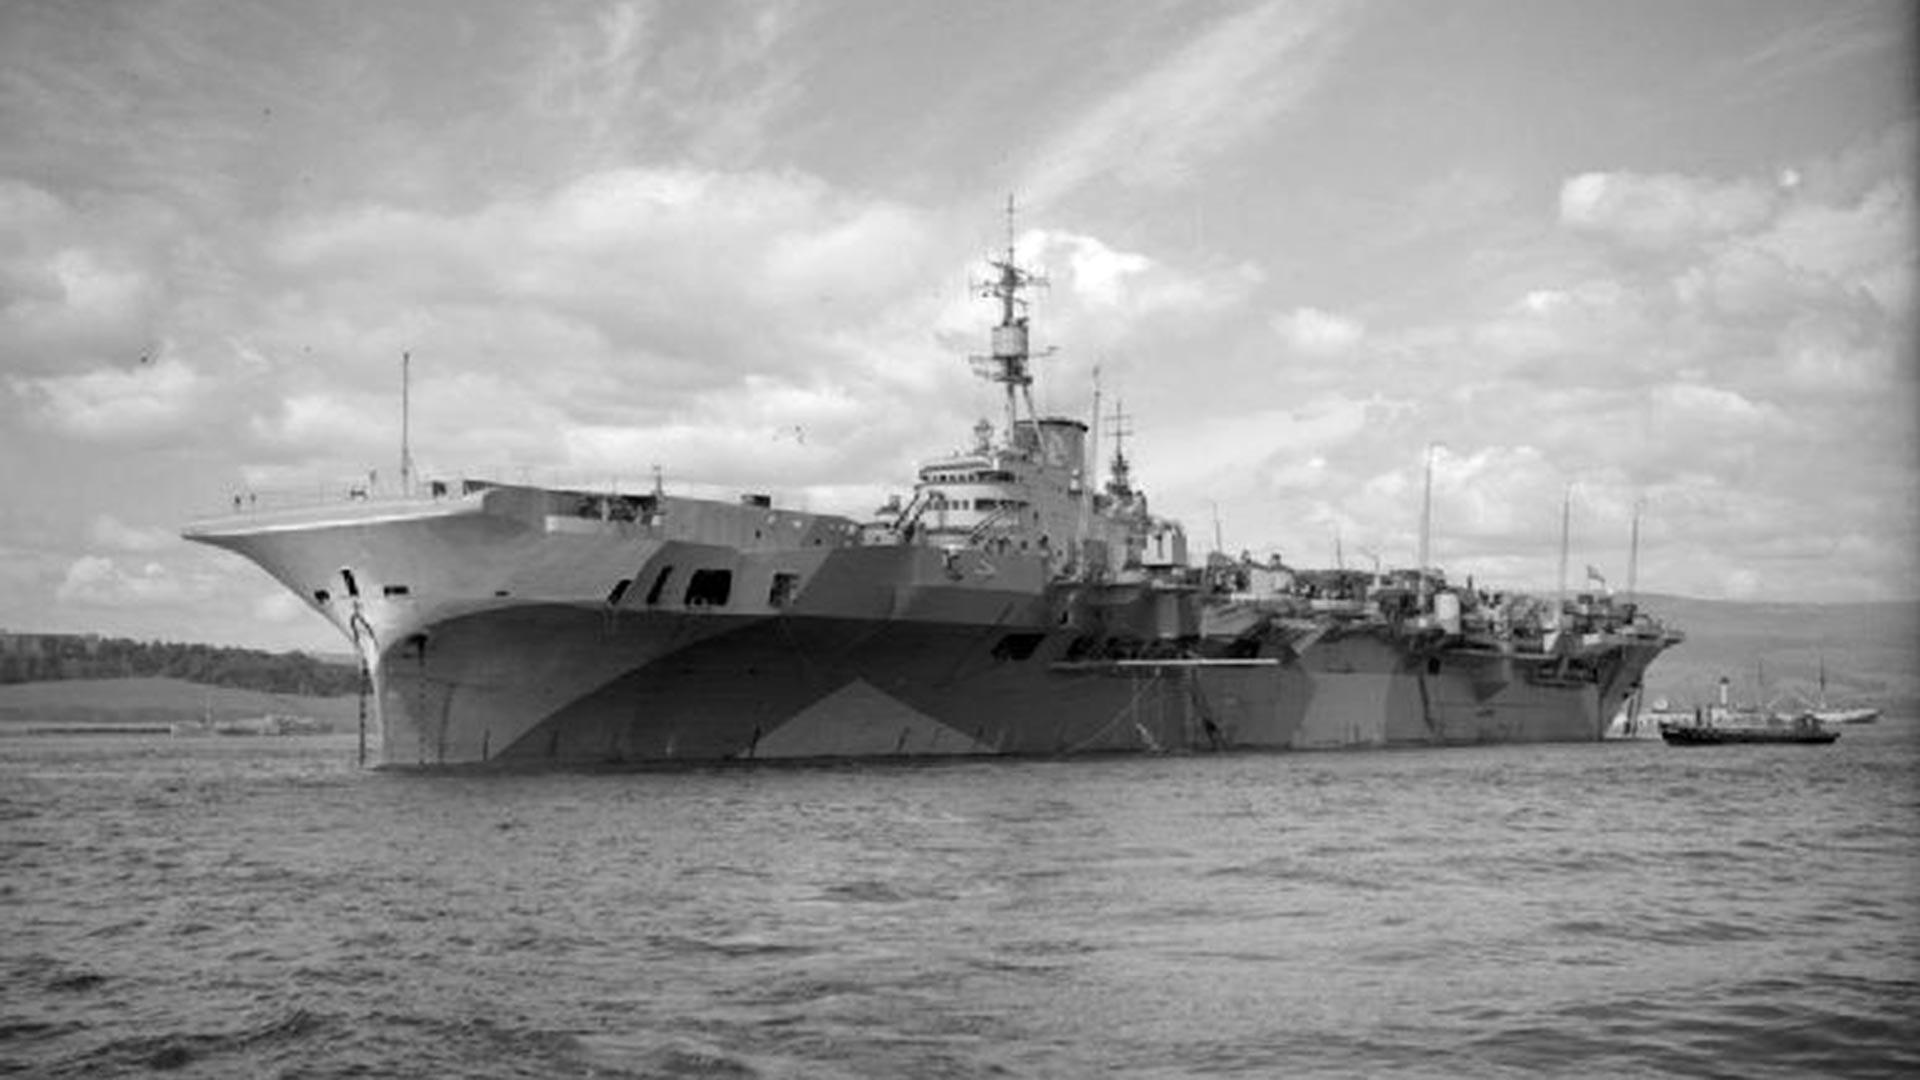 La portaerei britannica HMS